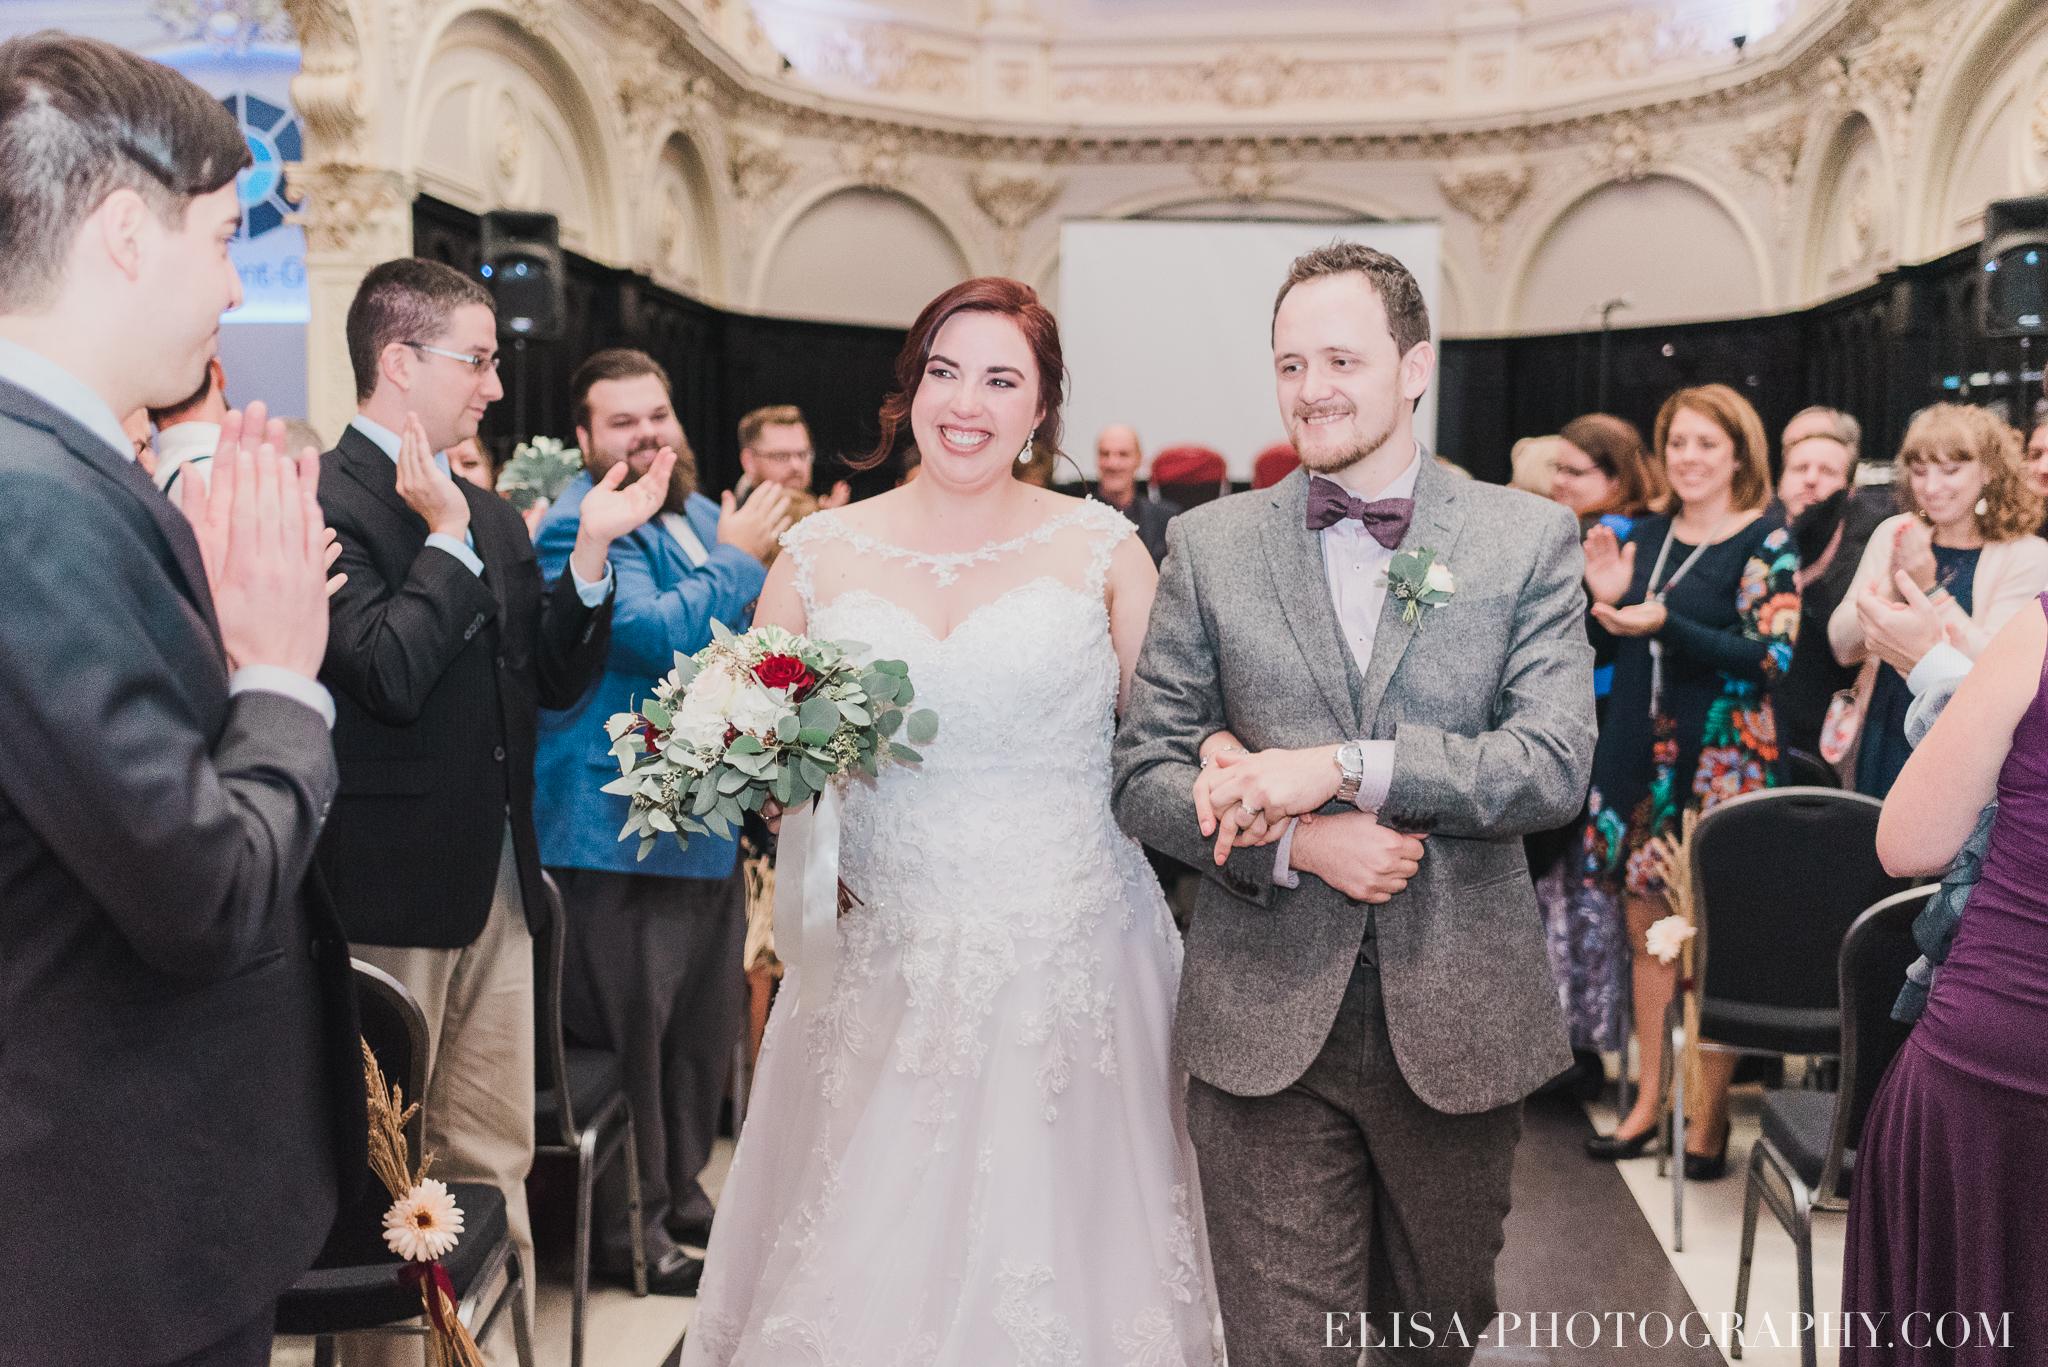 photo mariage automne ceremonie espace saint gregoire automne quebec beauport 6201 - Mariage à saveur automnale à l'Espace Saint-Grégoire